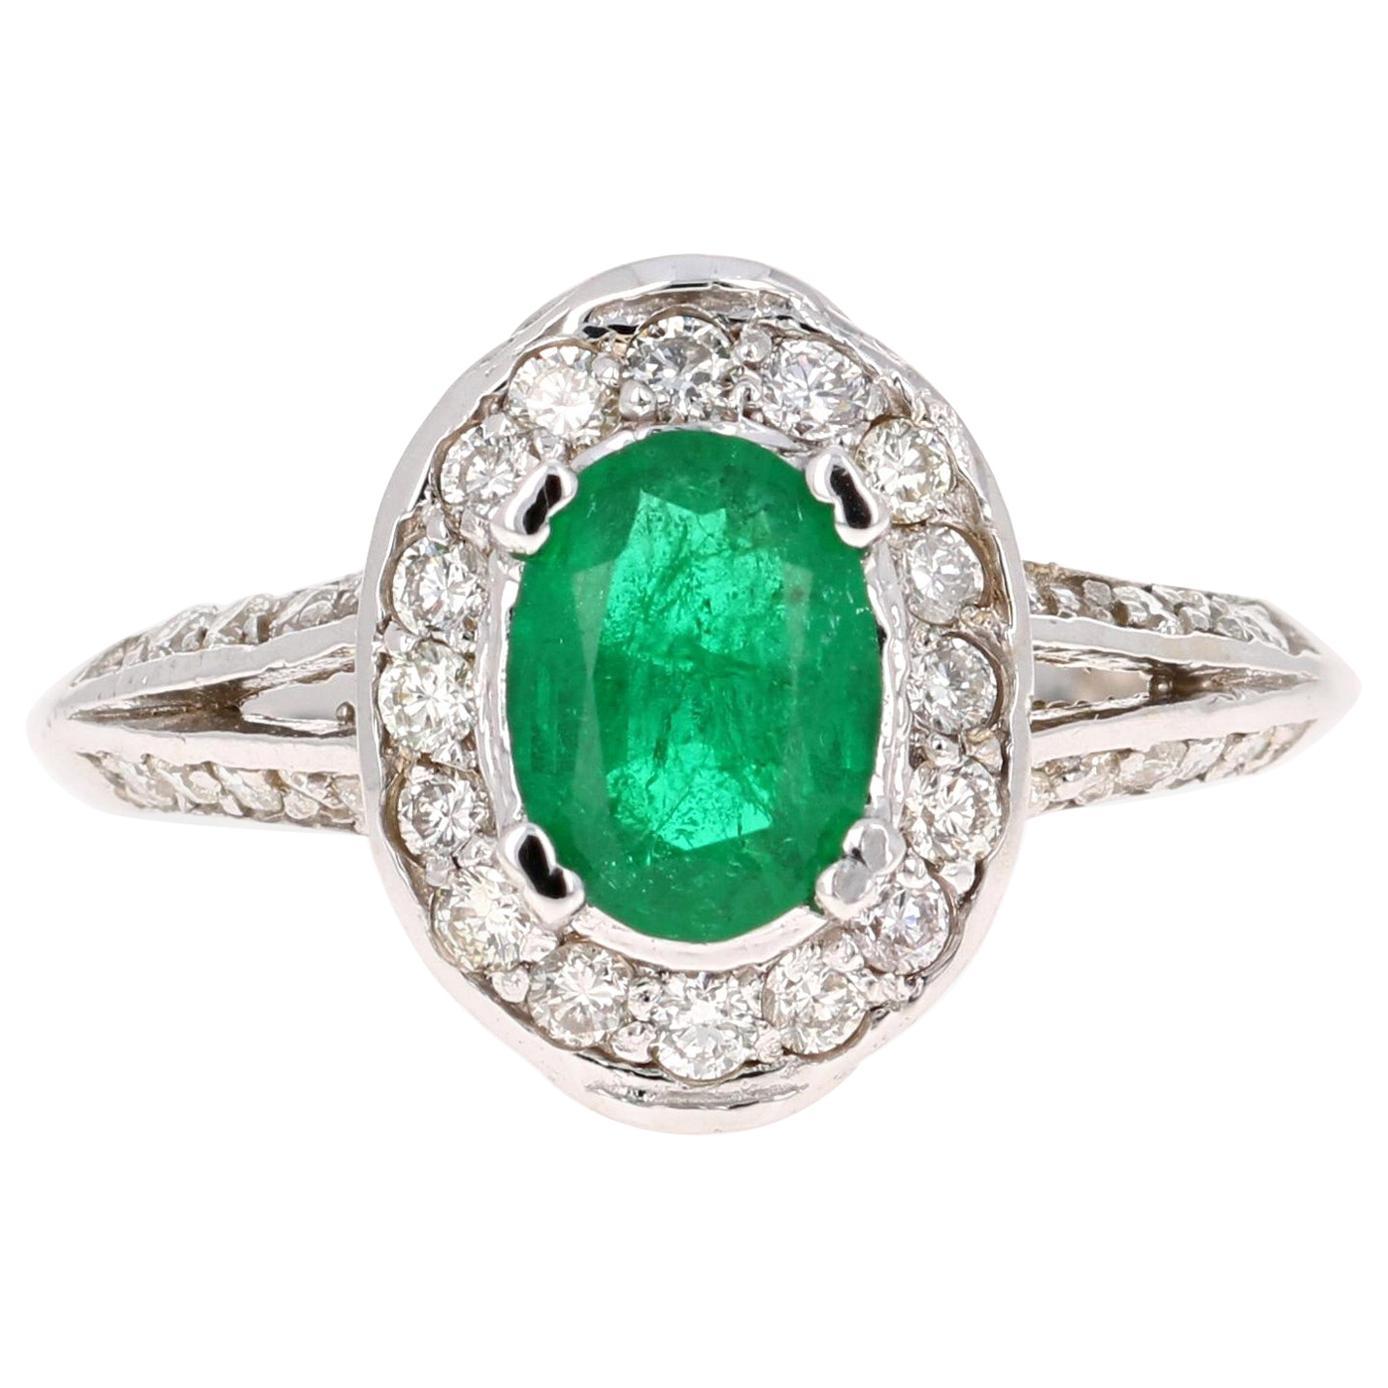 1.79 Carat Emerald Diamond 18 Karat White Gold GIA Certified Ring